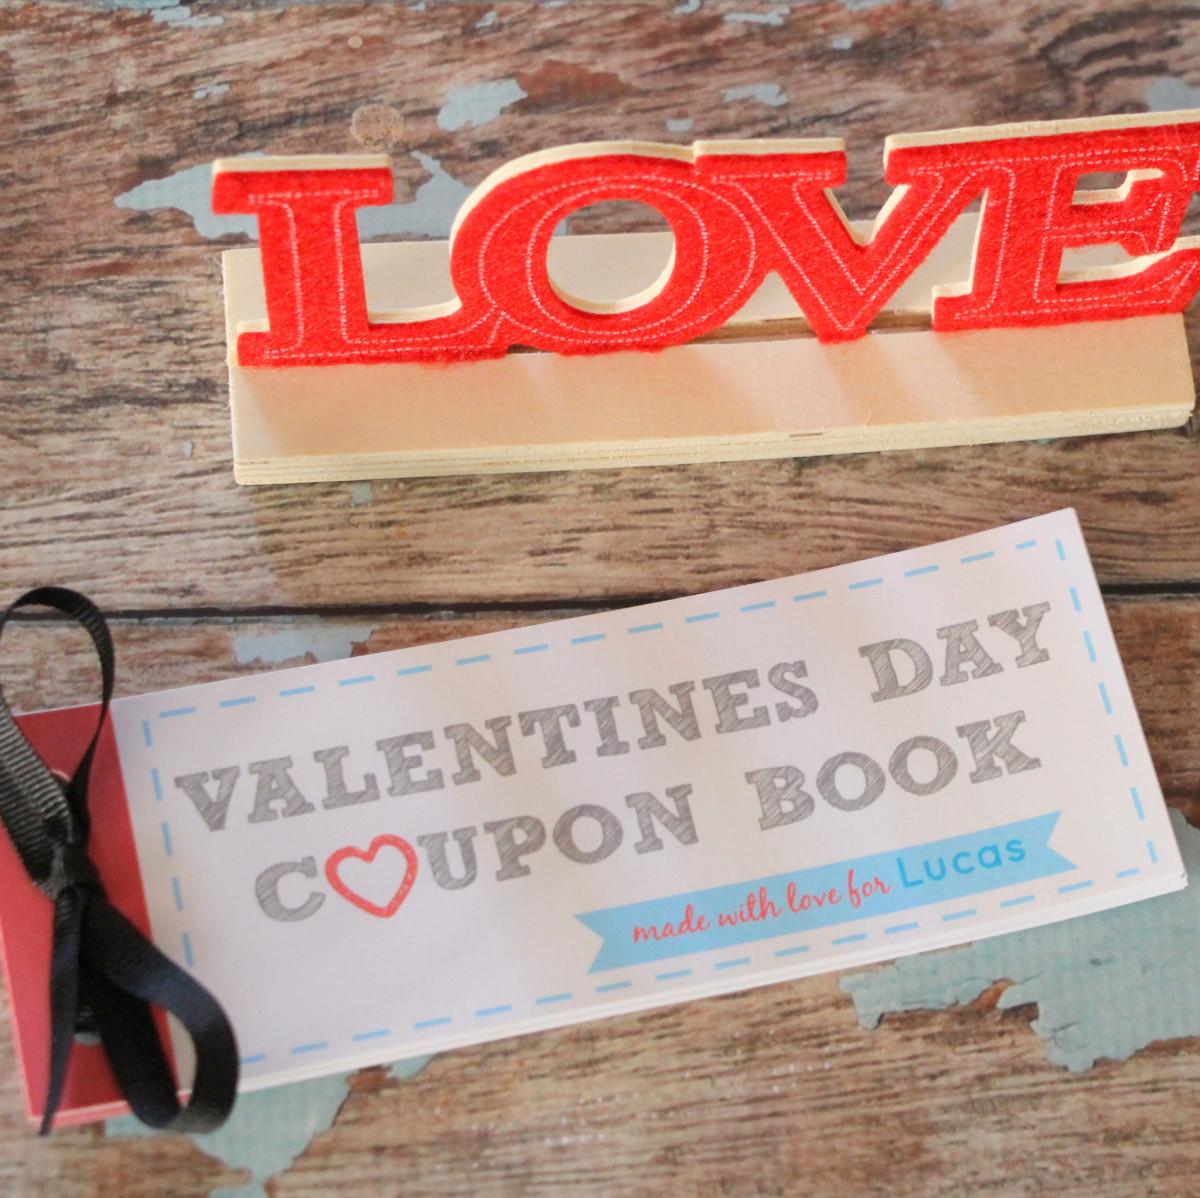 homemade-coupon-book-gift-idea